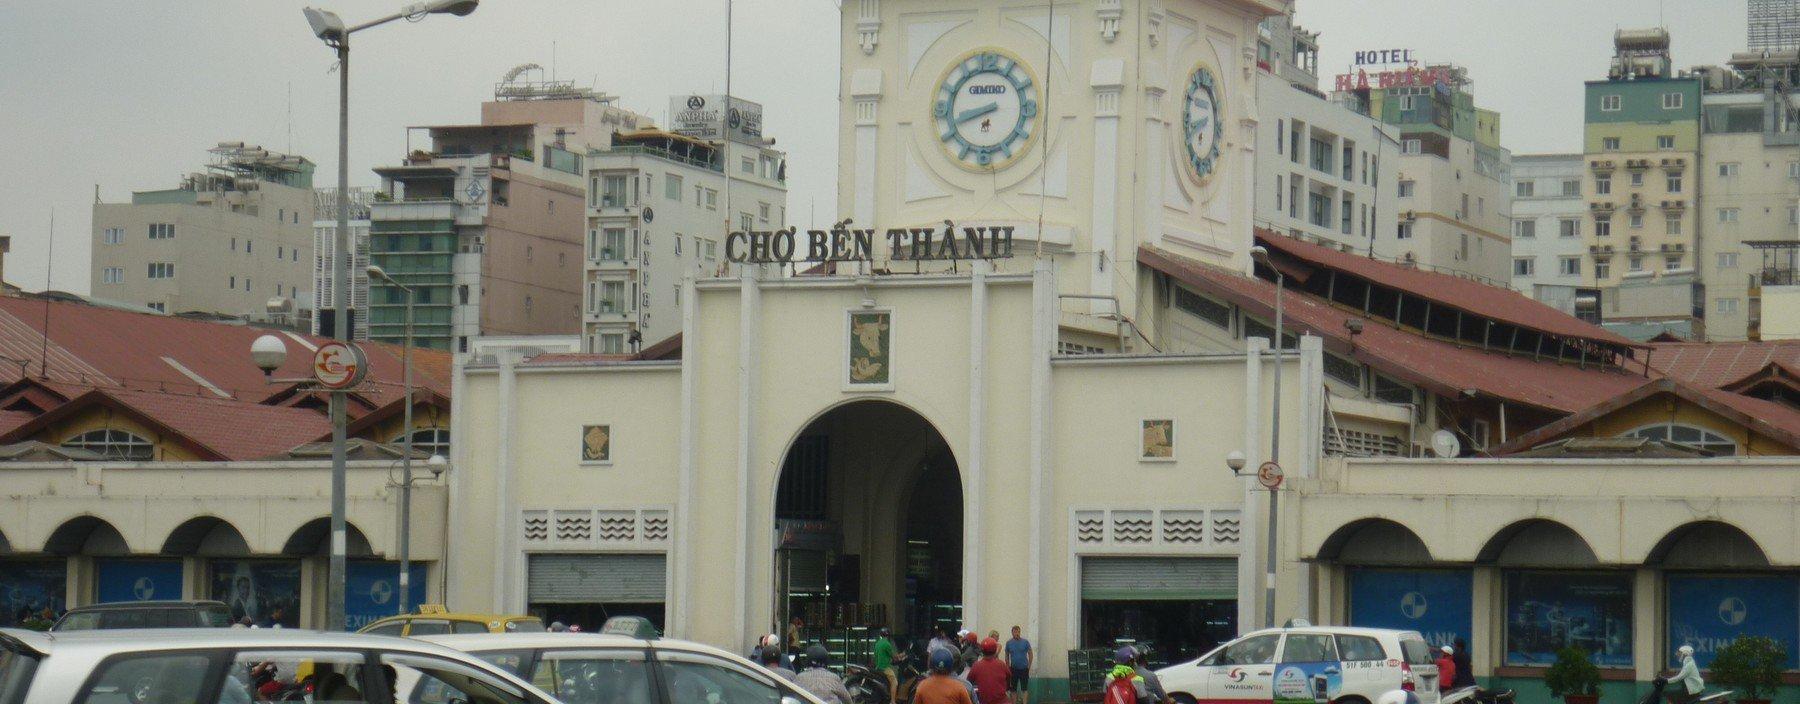 vn, ho chi minh city, ben thanh markt (7).jpg